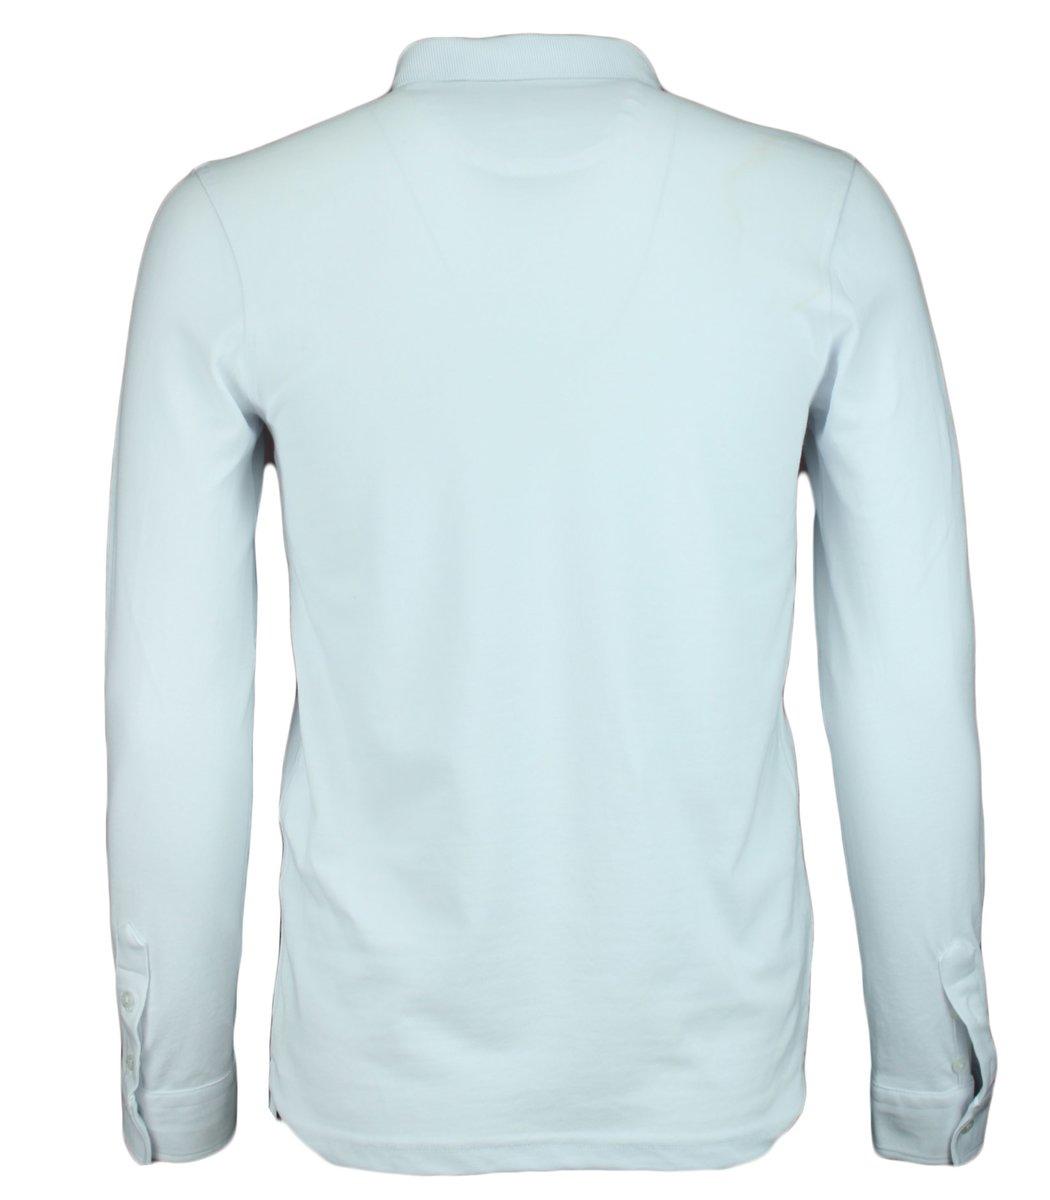 Белое поло с длинным рукавом, воротник стойка, Lacoste PL2